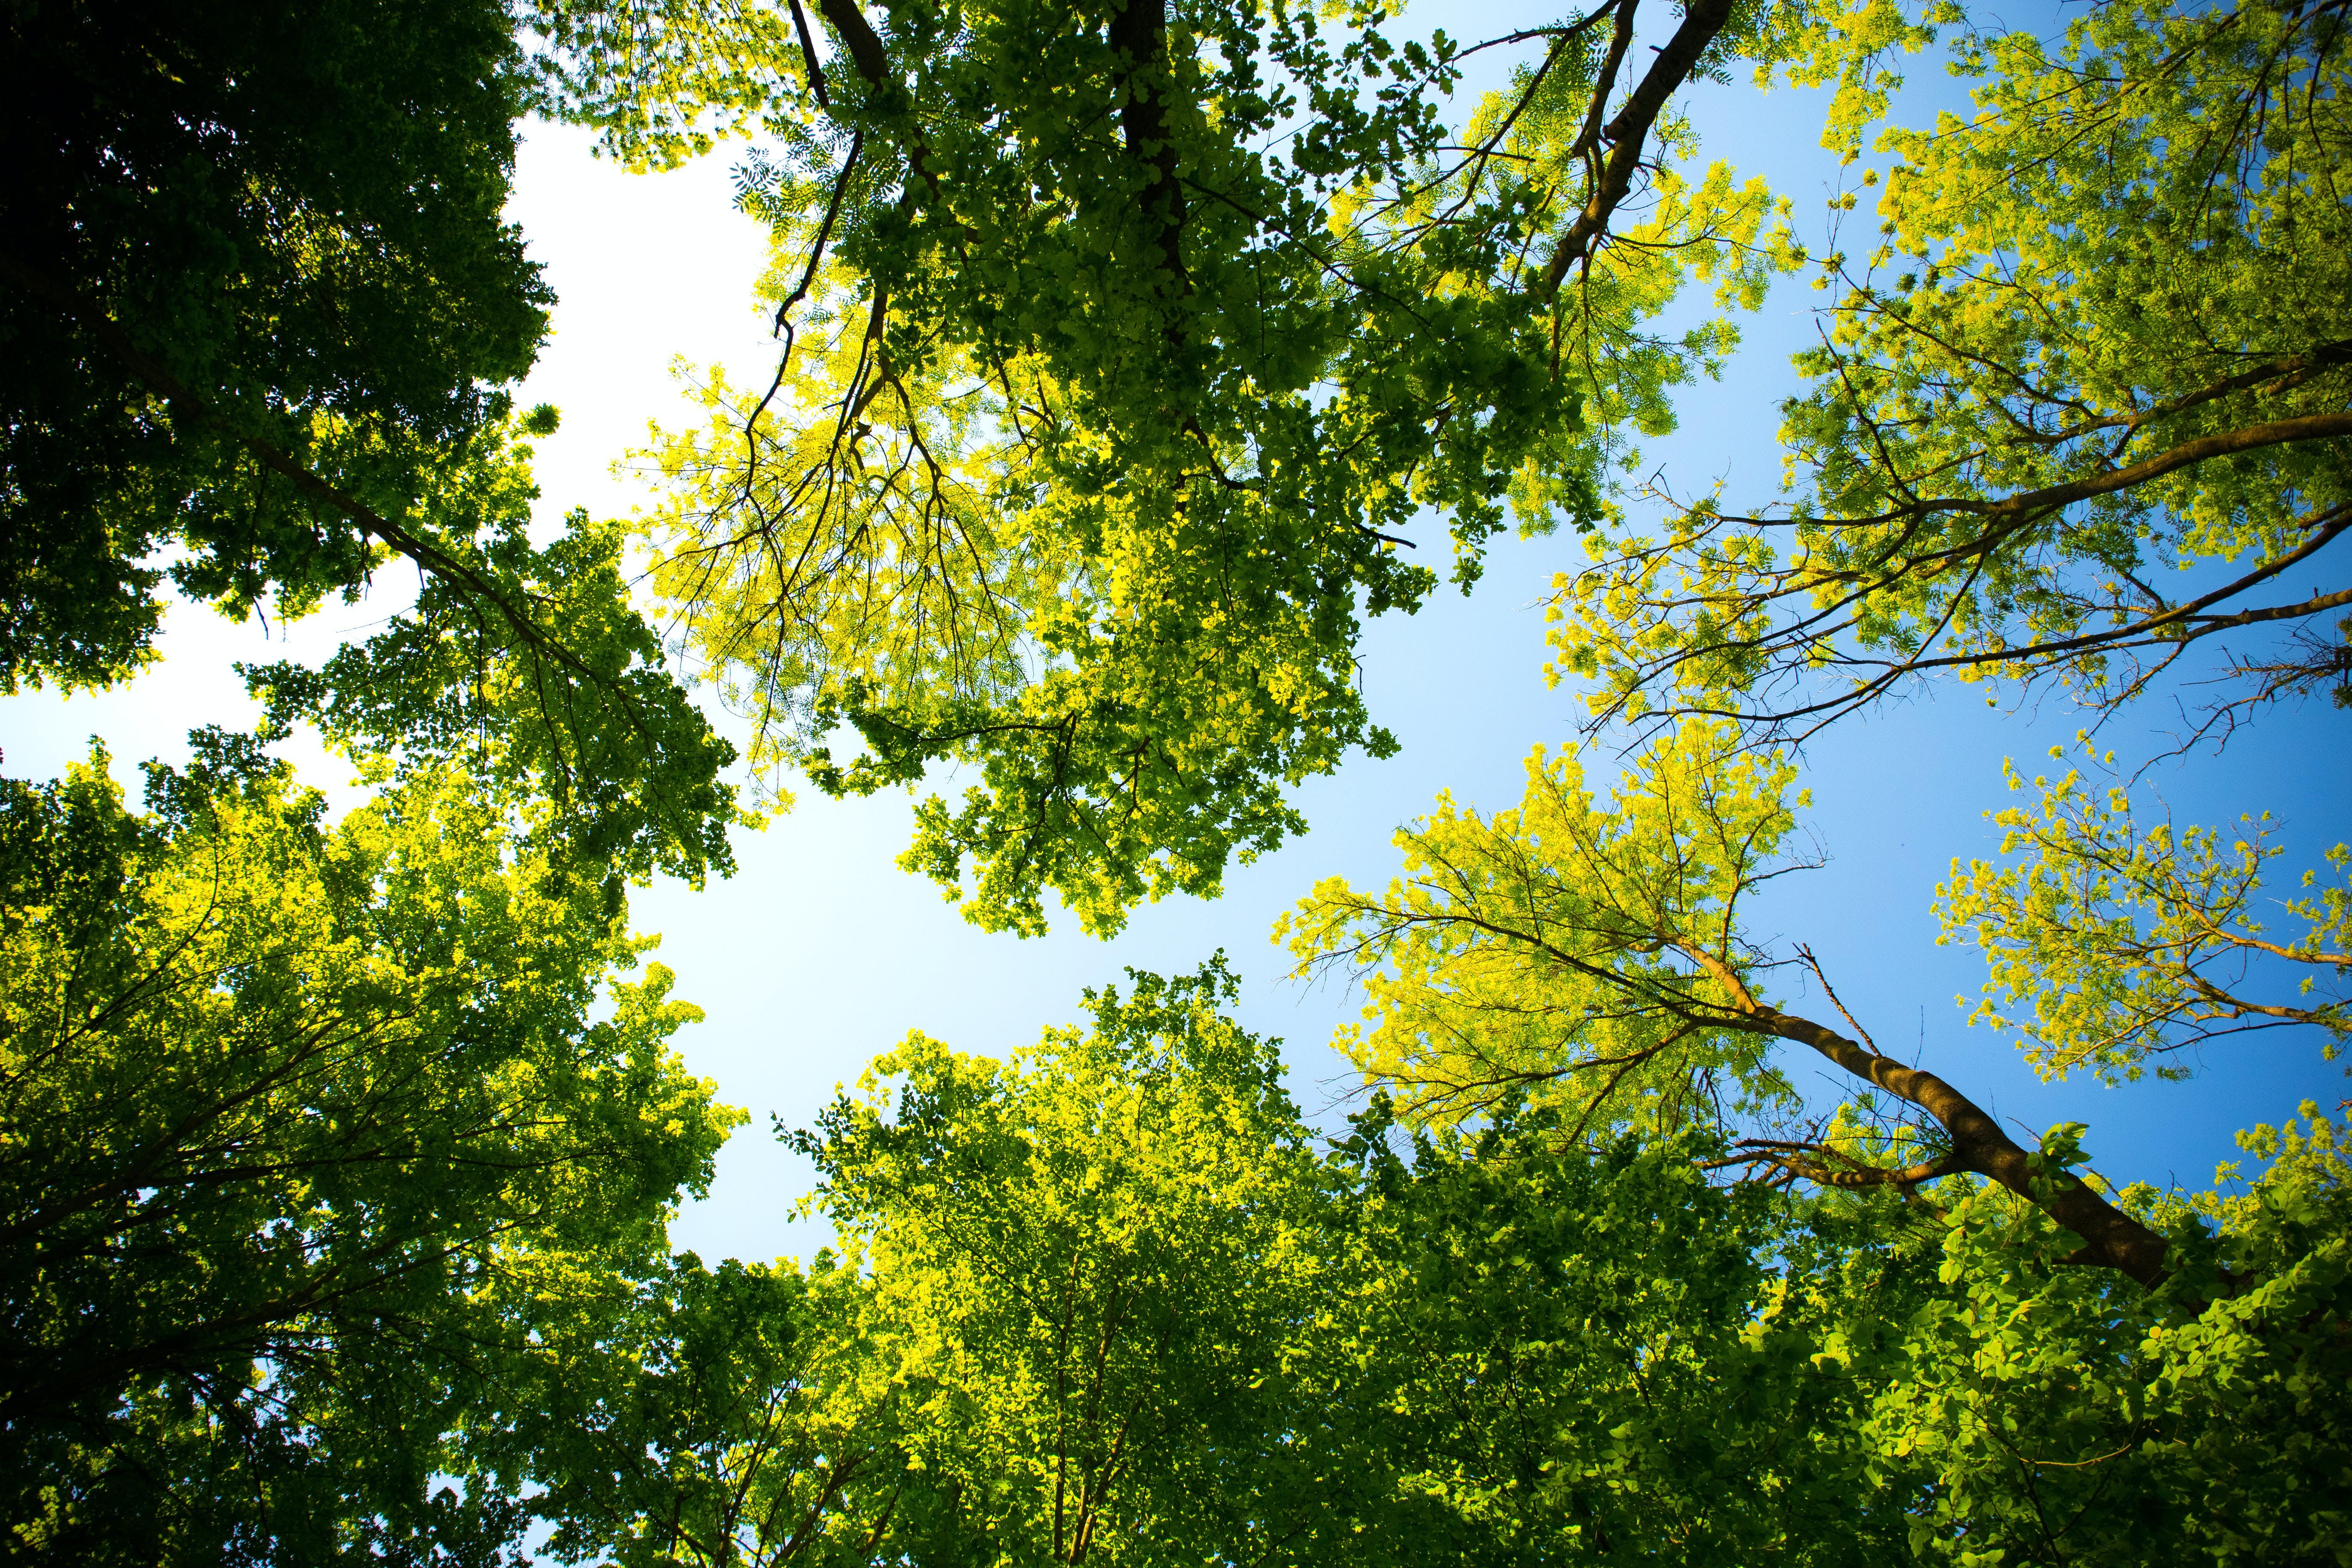 HDの壁紙, パーク, 晴れ, 木の無料の写真素材